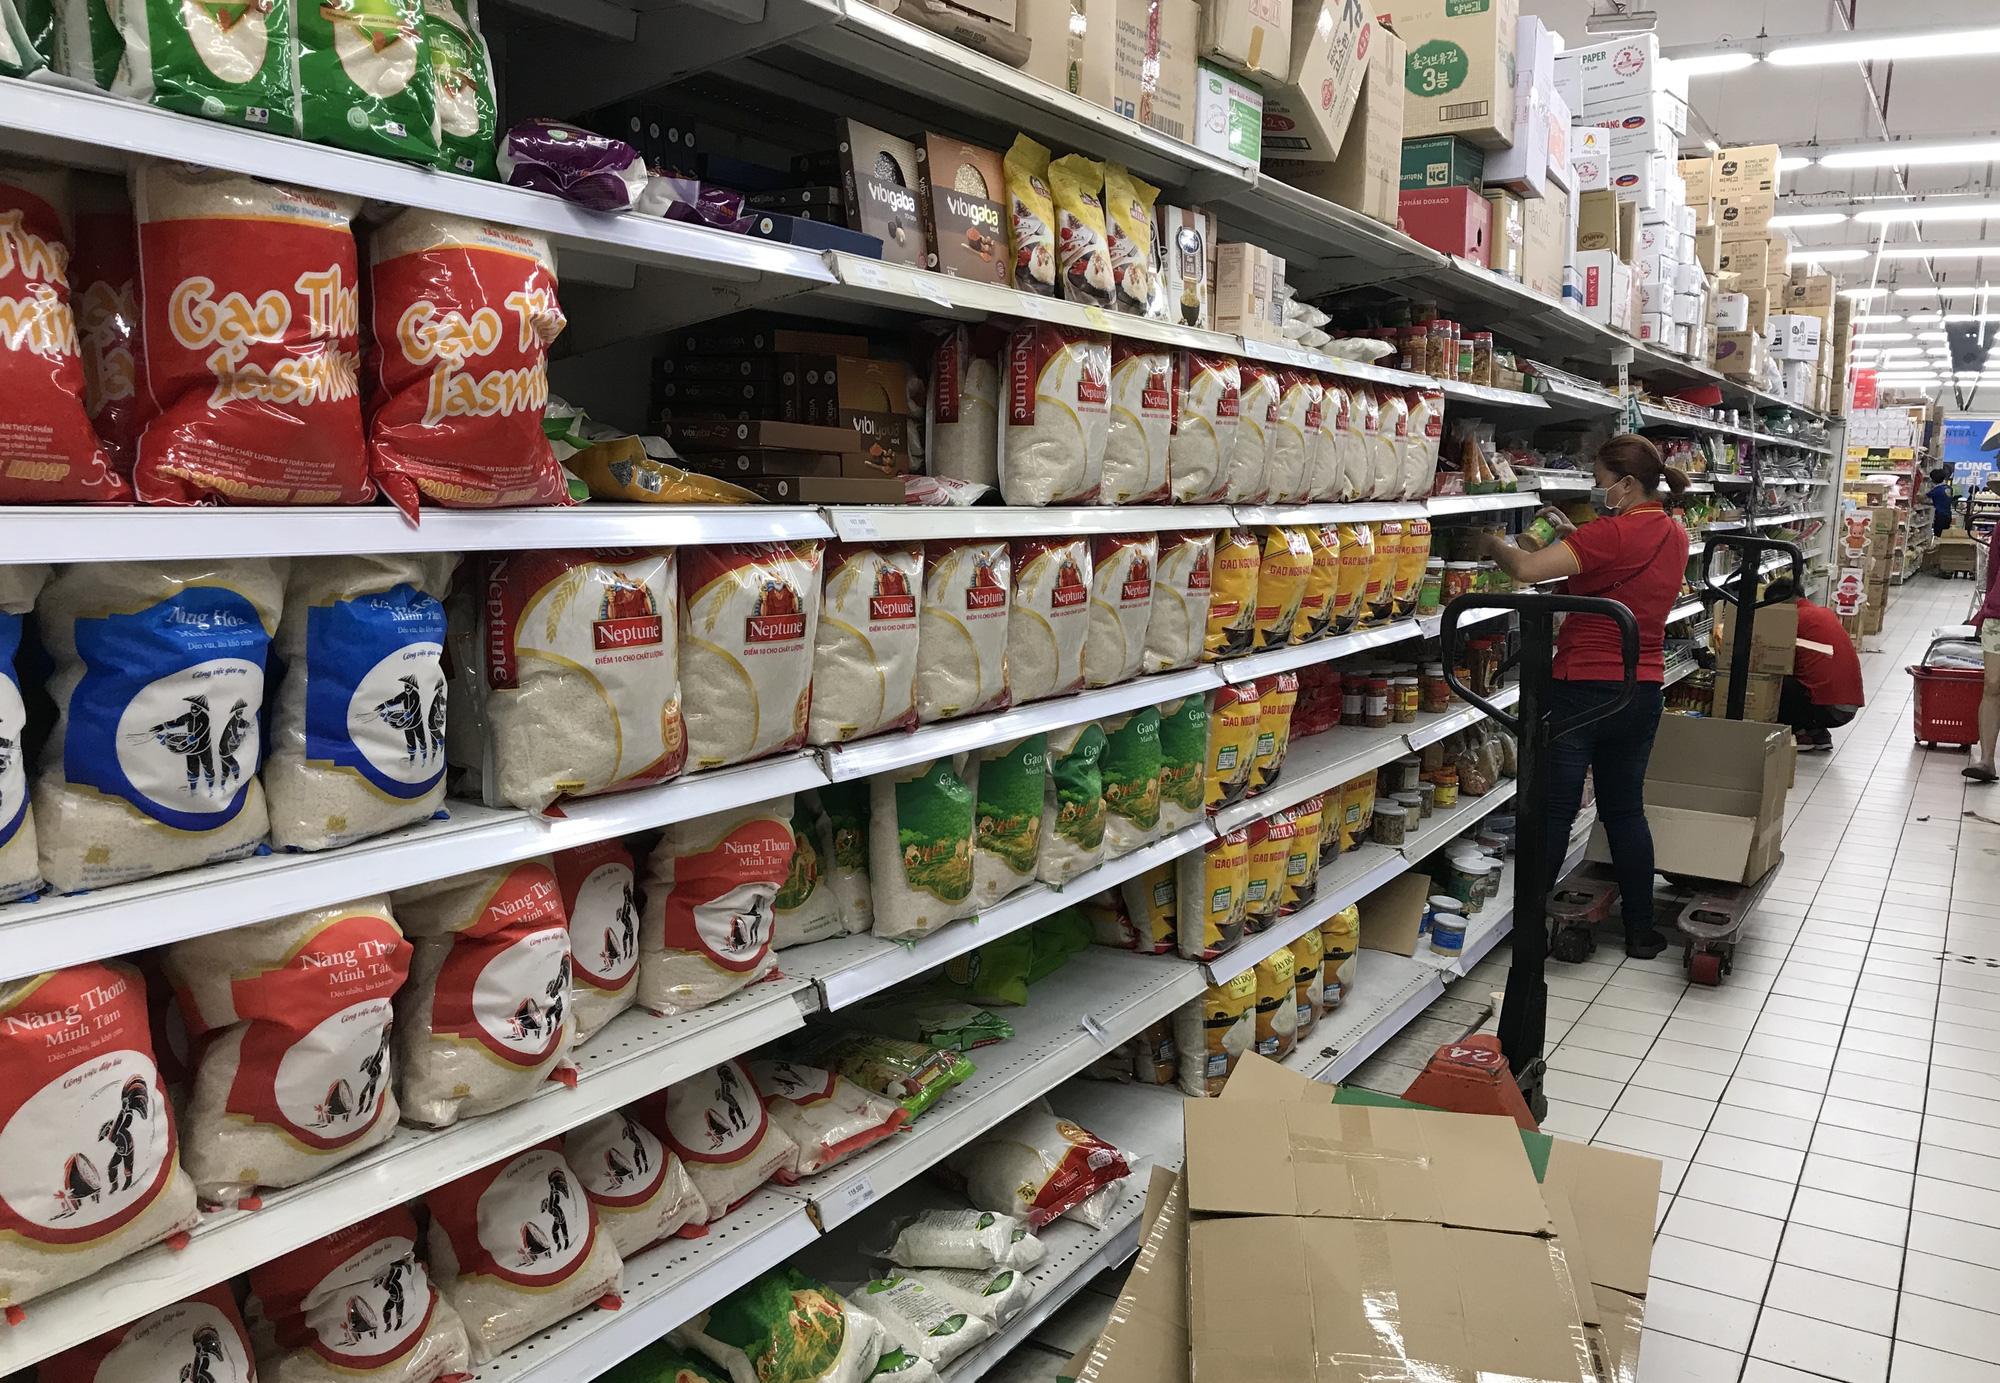 Thủ tướng yêu cầu Hà Nội, TP HCM sẵn sàng mọi phương án cách li, đủ lương thực trong mọi tình huống - Ảnh 1.